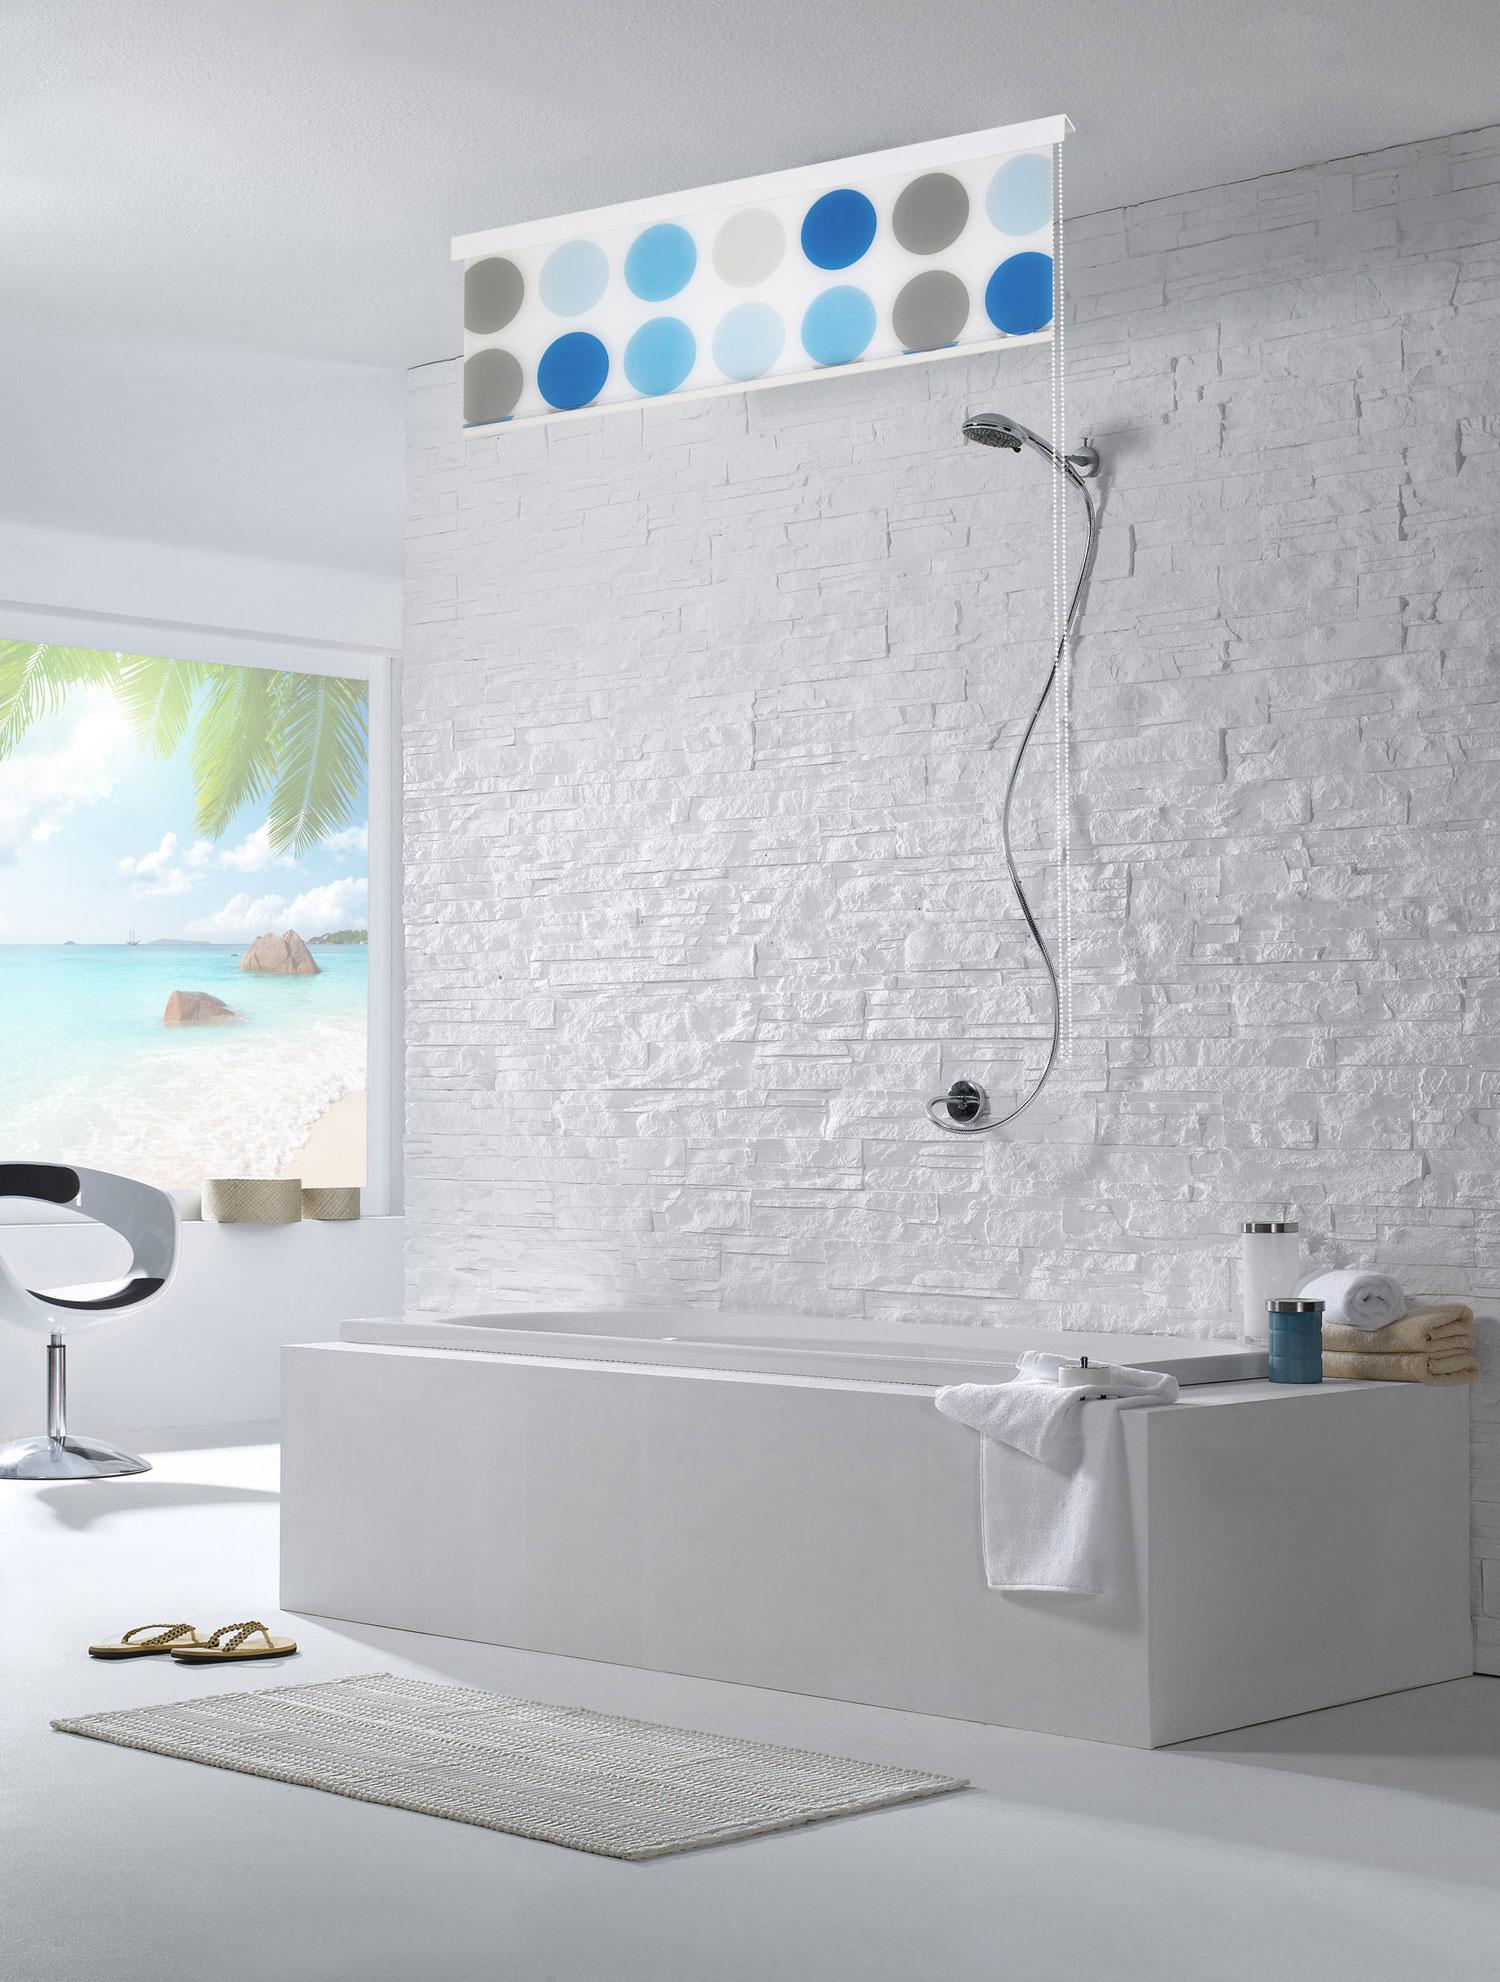 memoboard glas magnettafel glastafel glasboard whiteboard wandtafel magnet board ebay. Black Bedroom Furniture Sets. Home Design Ideas